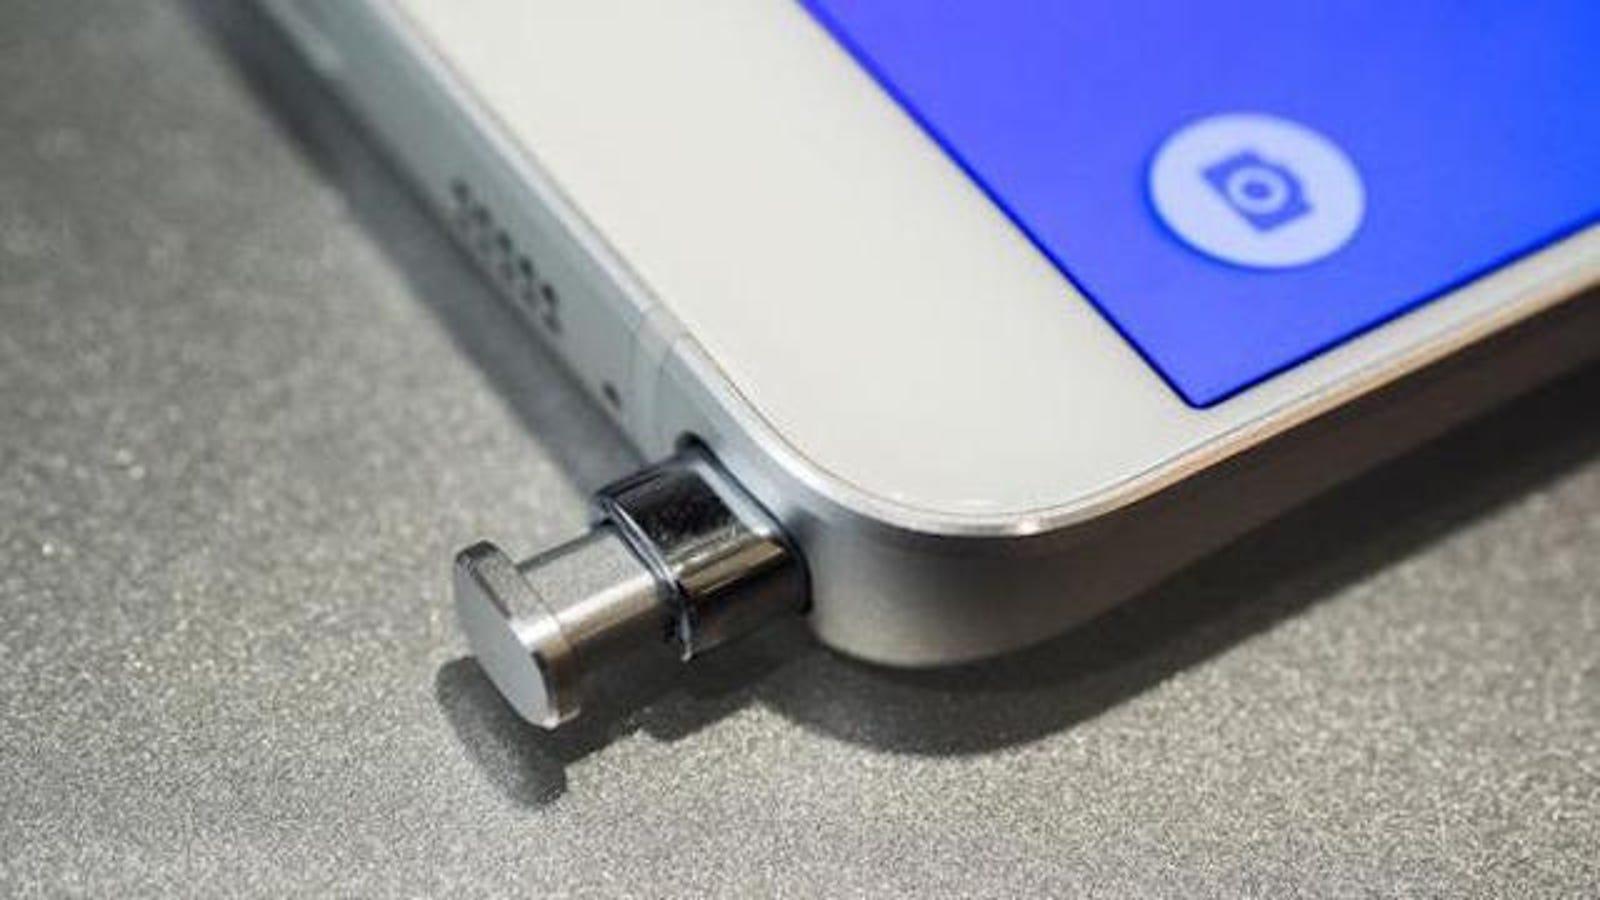 Un fallo de diseño hace que puedas romper el Galaxy Note 5 sin darte cuenta